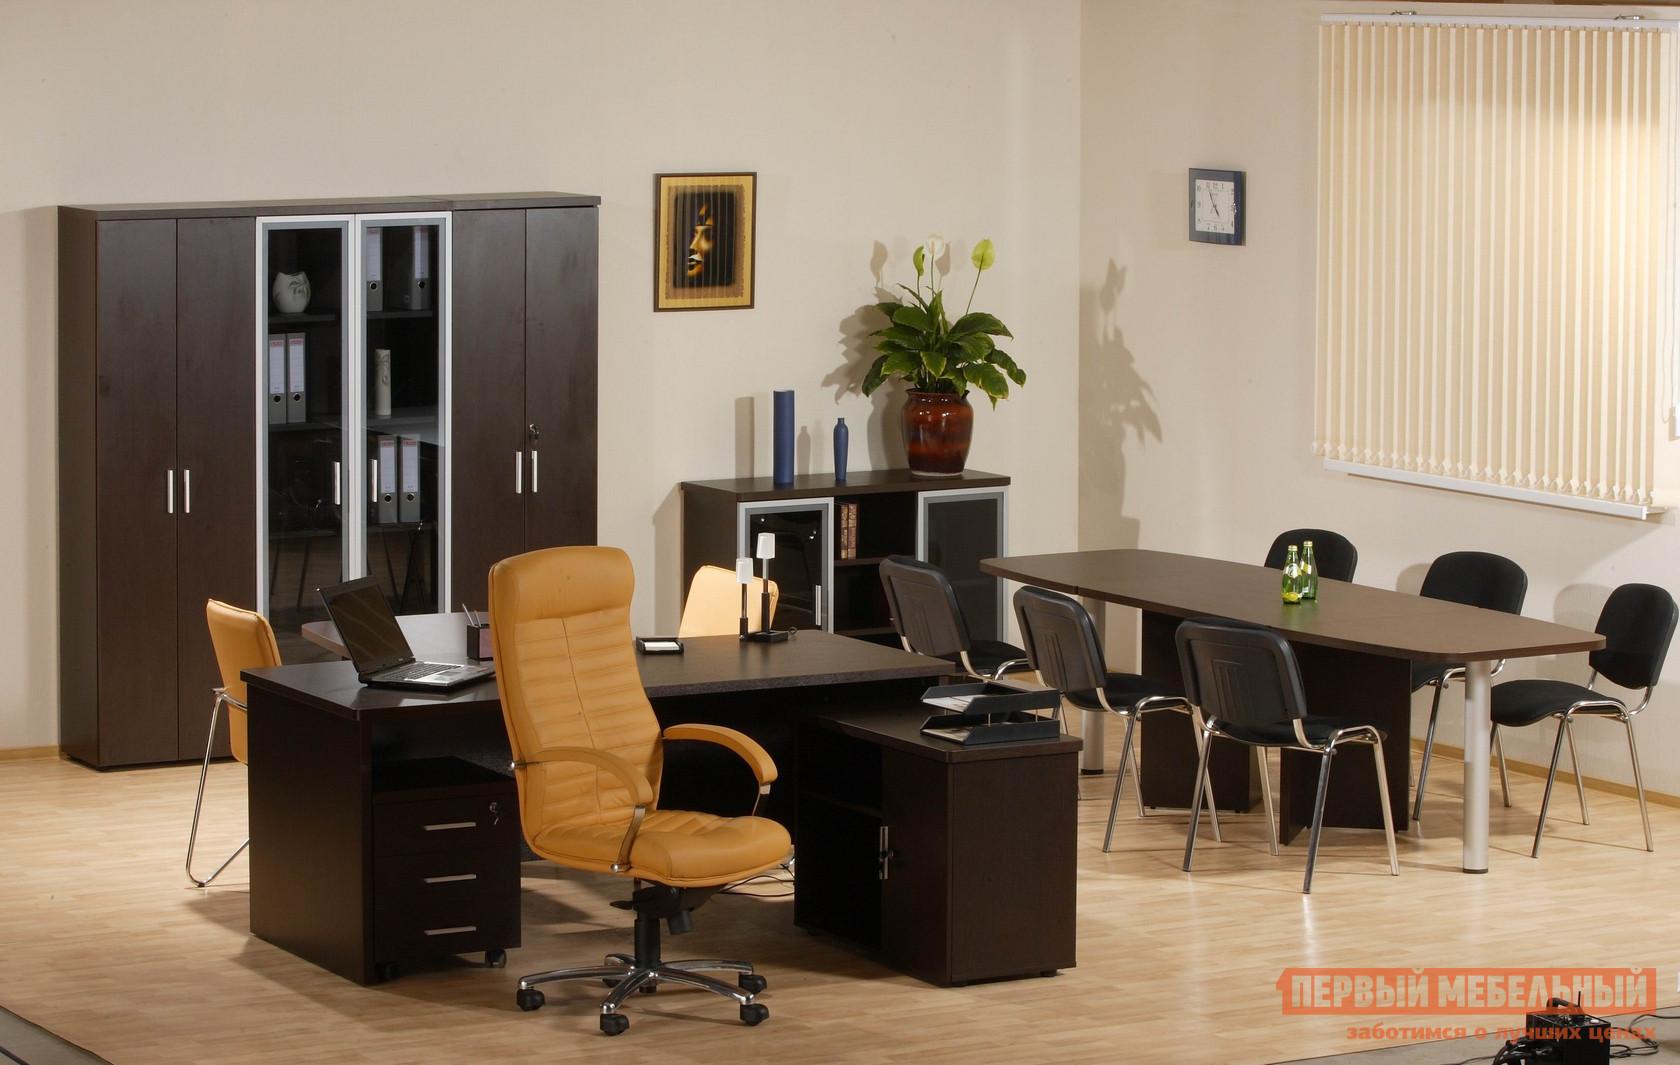 Комплект офисной мебели Витра Цезарь К1 спальный гарнитур трия саванна к1